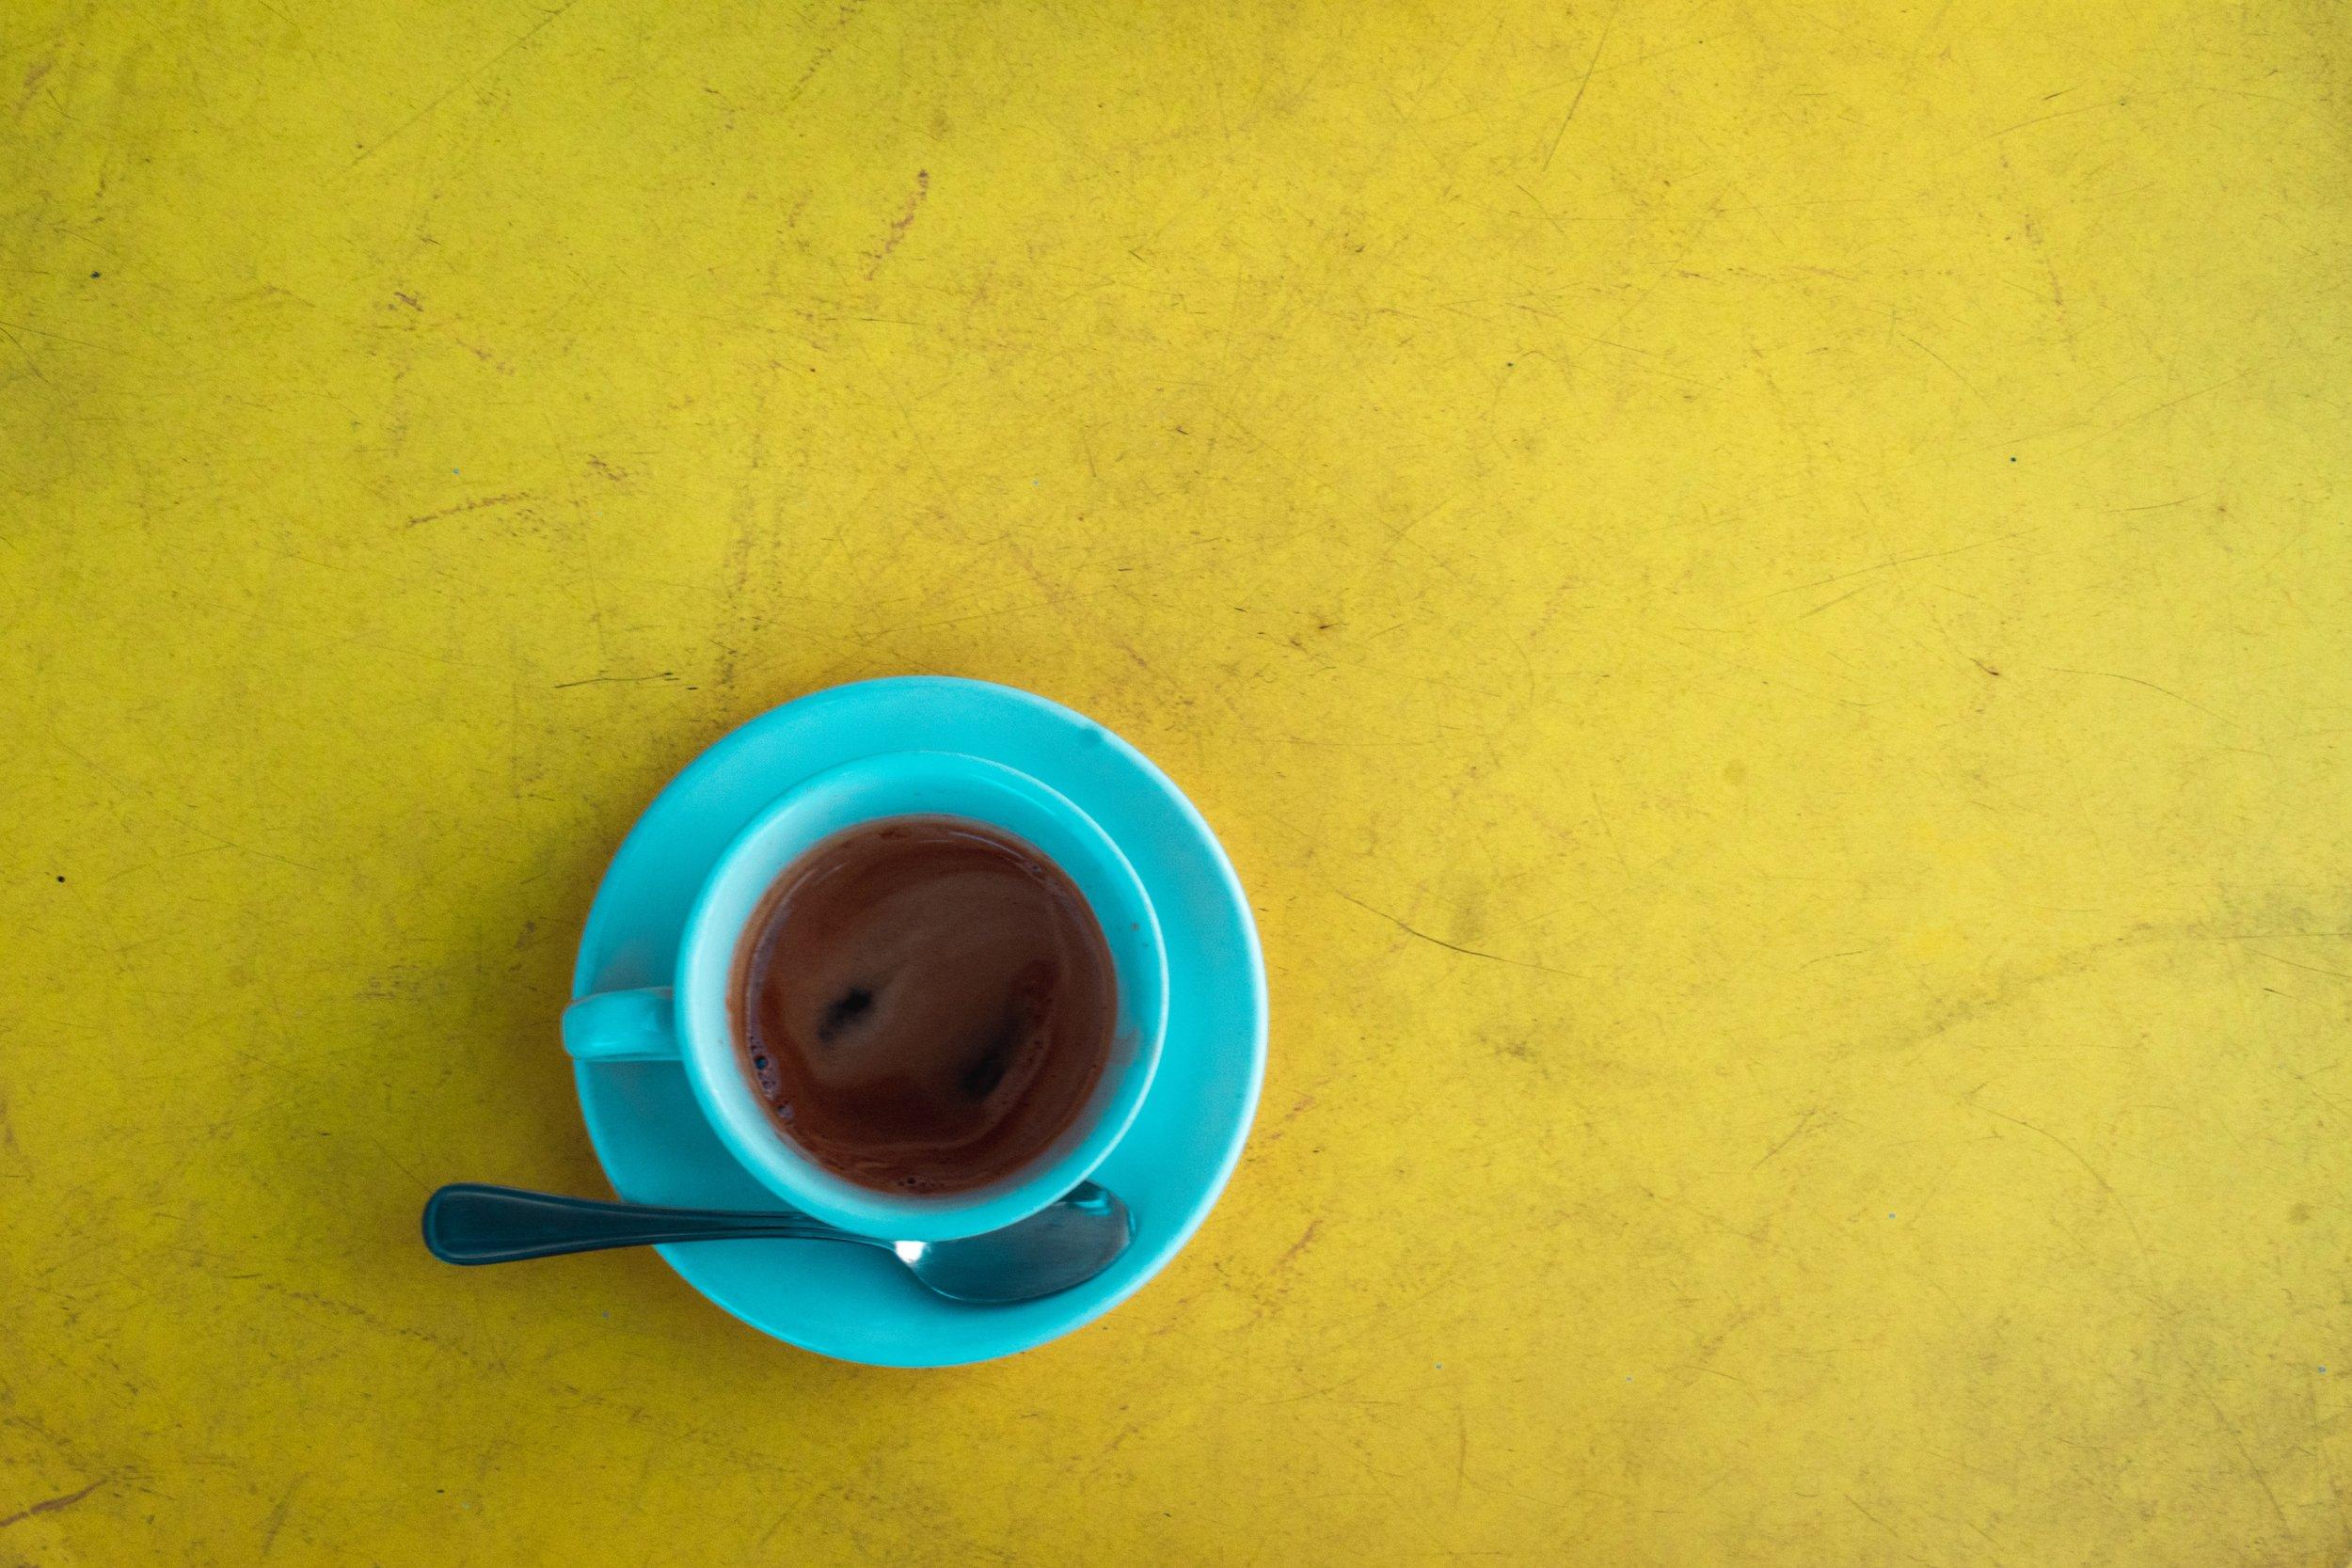 VEN A TOMAR UN CAFE.VETE CON UN AMIGOY CUATRO PANECILLOS. -